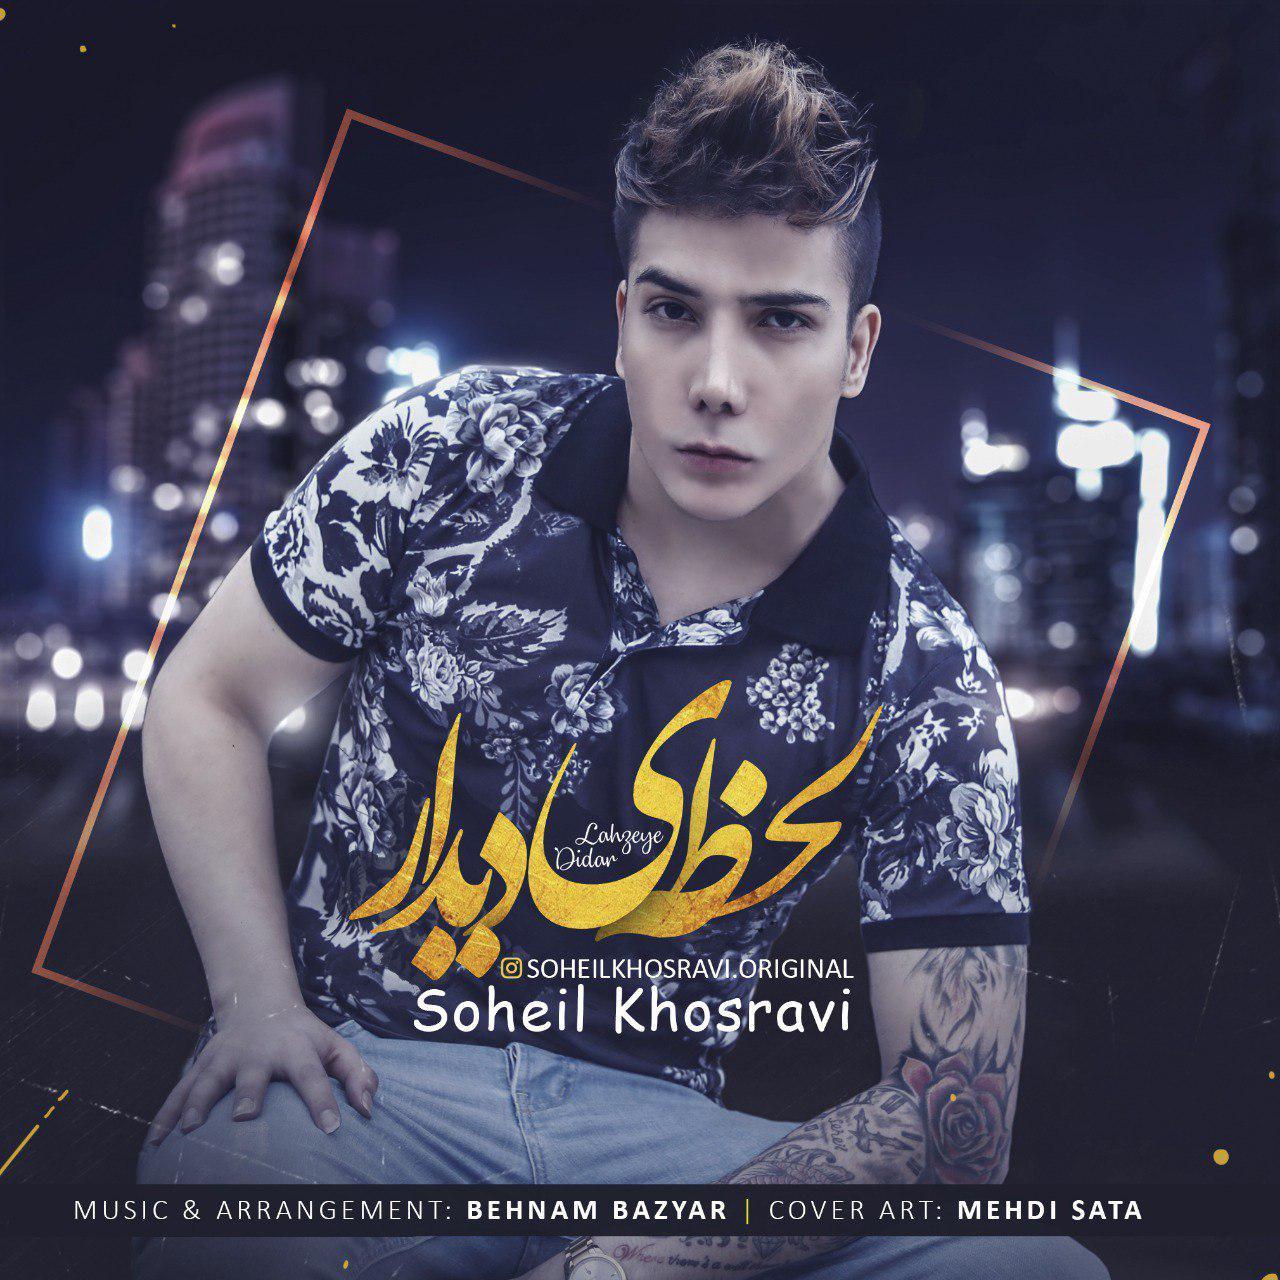 Soheil Khosravi – Lahzeye Didar